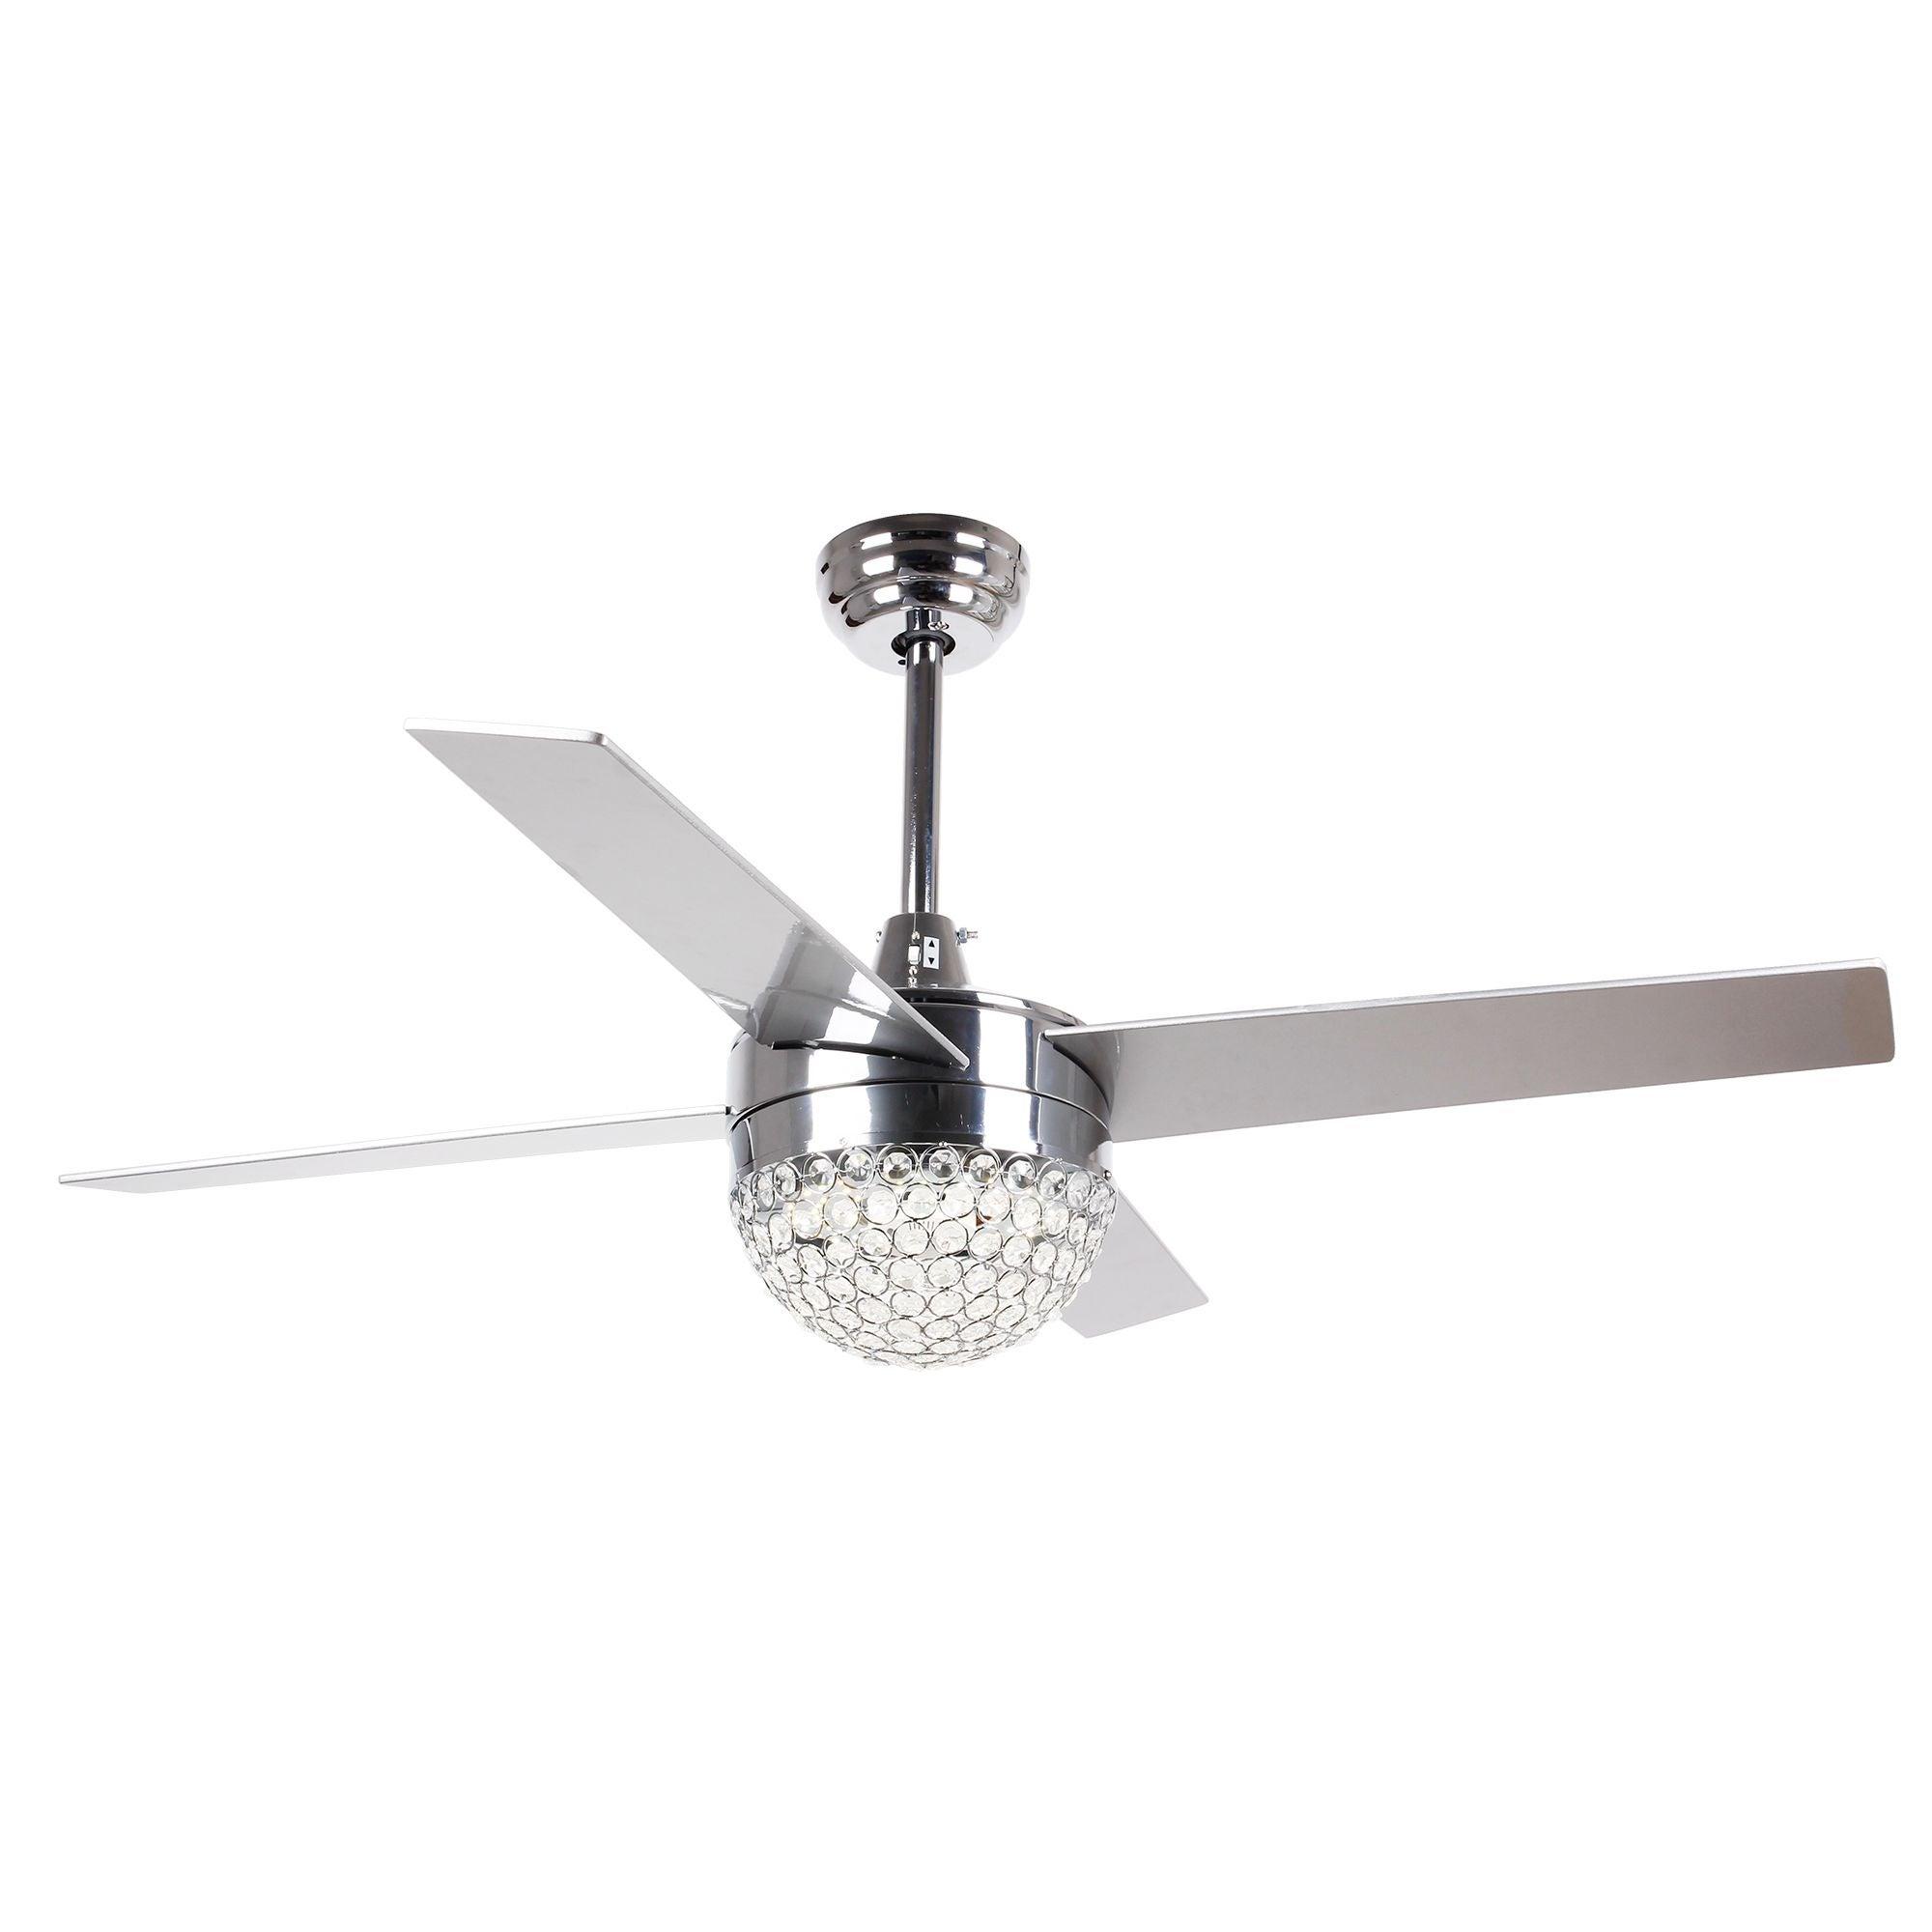 Shop 42-inch Dimmable Light Crystal Fandelier Chrome Ceiling Fan ...